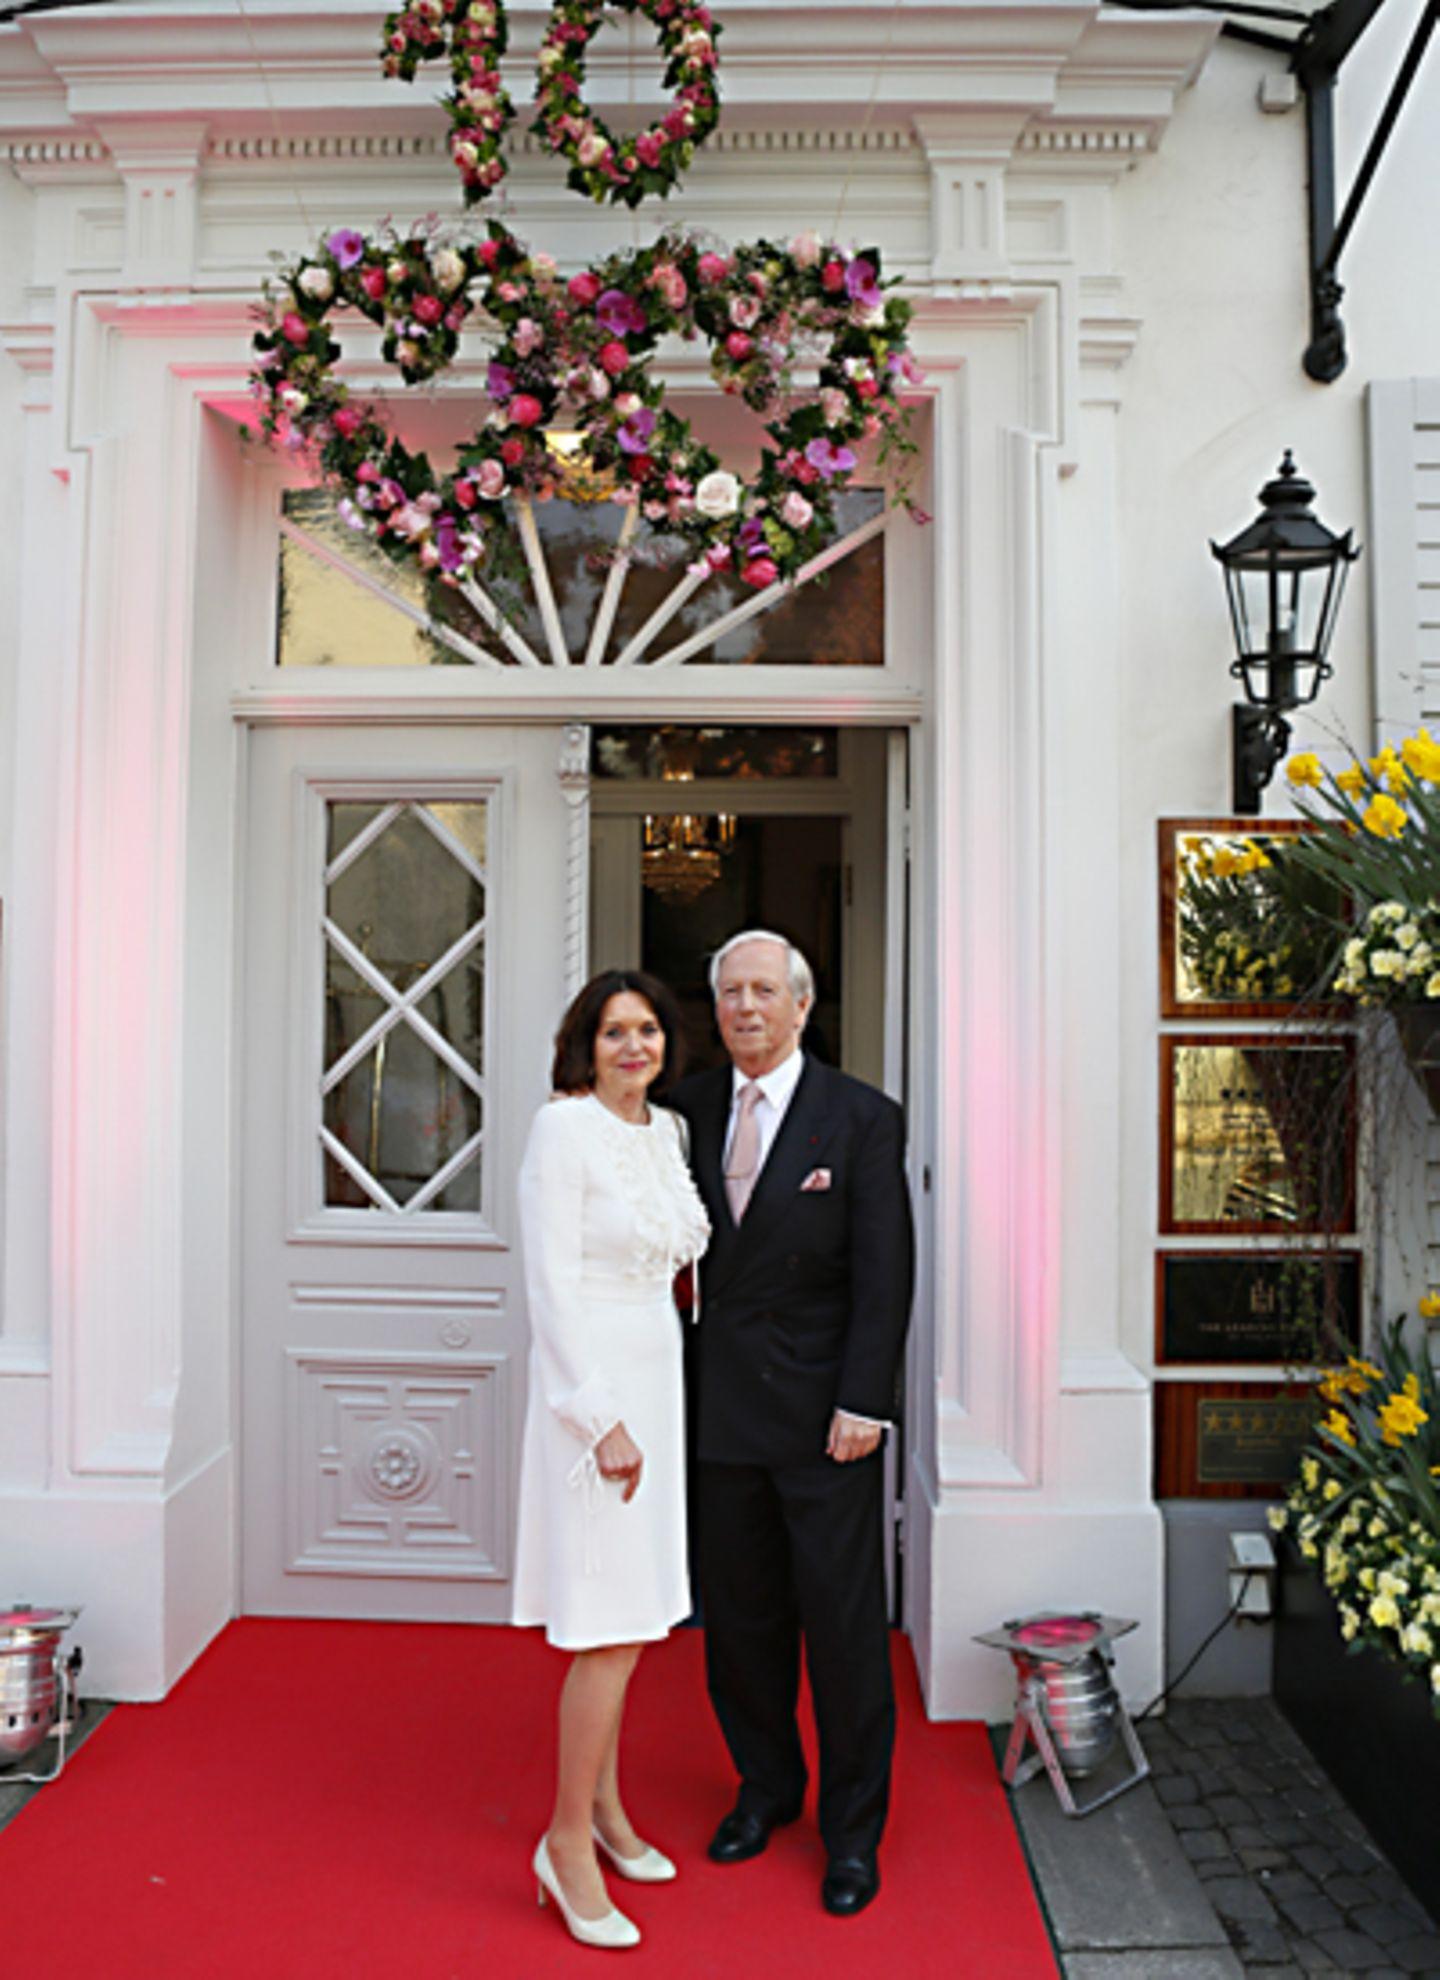 Im traumhaften Eingangsbereich Hotel Louis C. Jacob werden die Gäste, hier Ehrensenator Horst Rahe und seine Frau Wera, mit eine